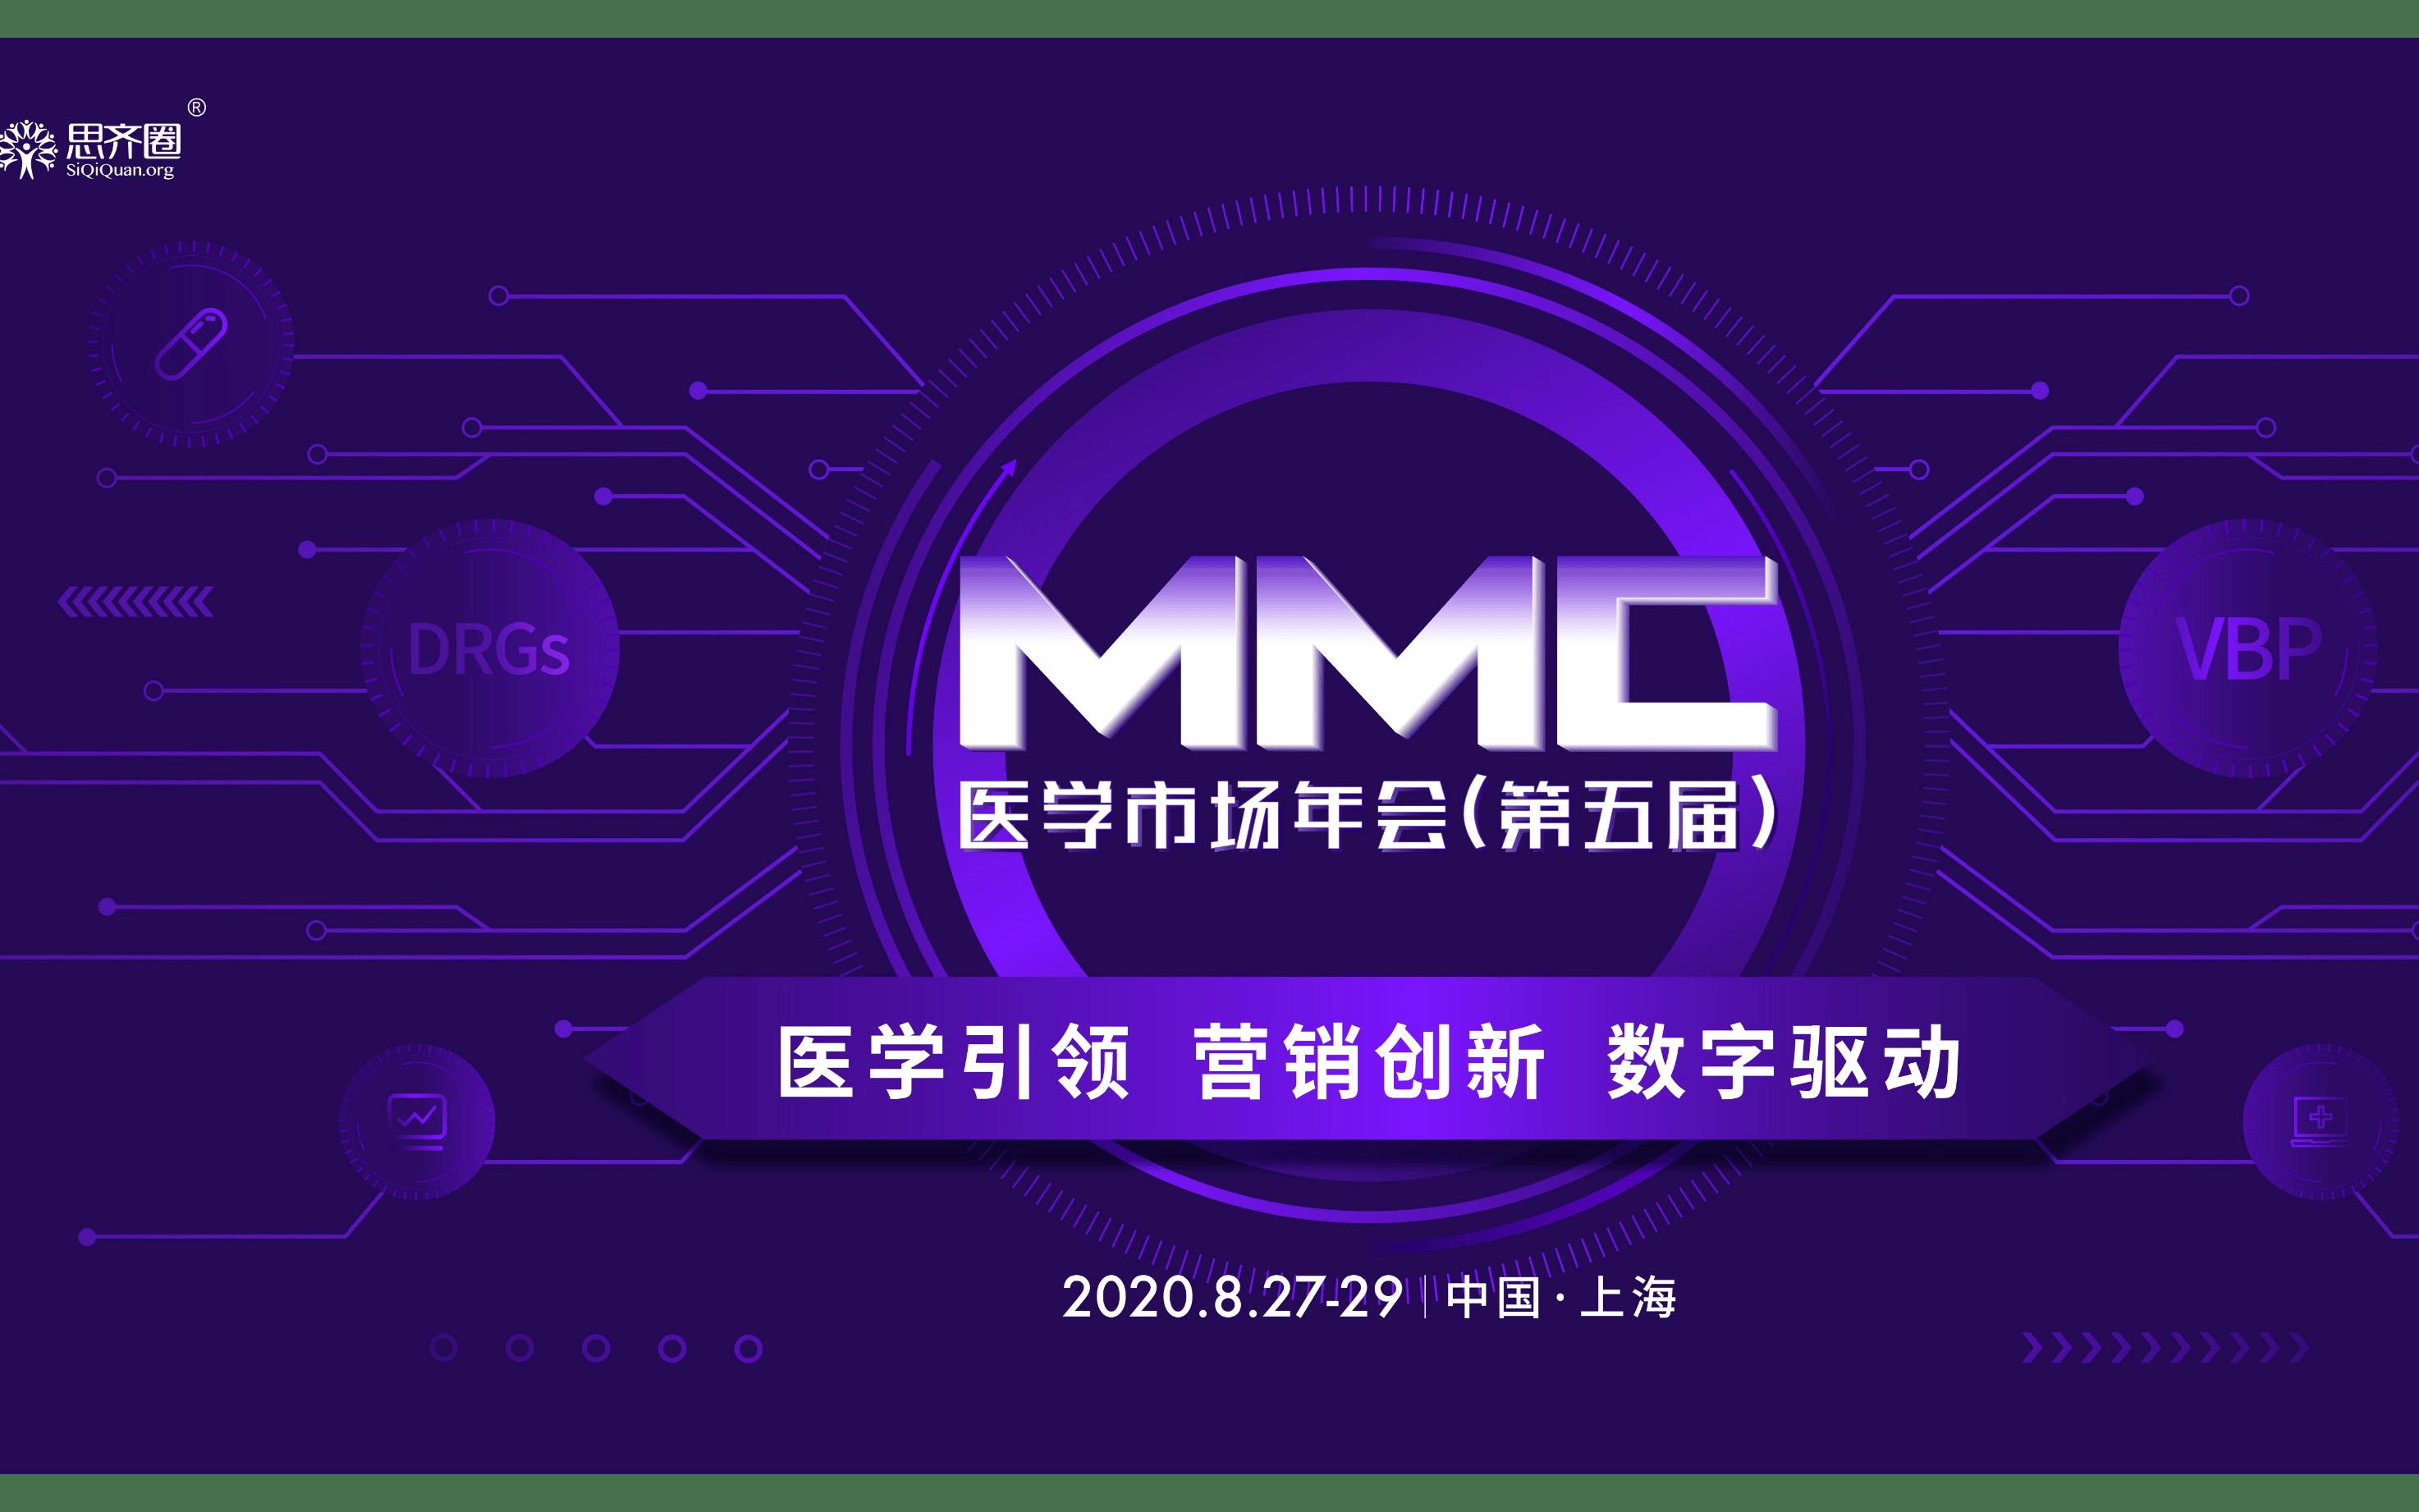 思齐医学市场年会(第五届)